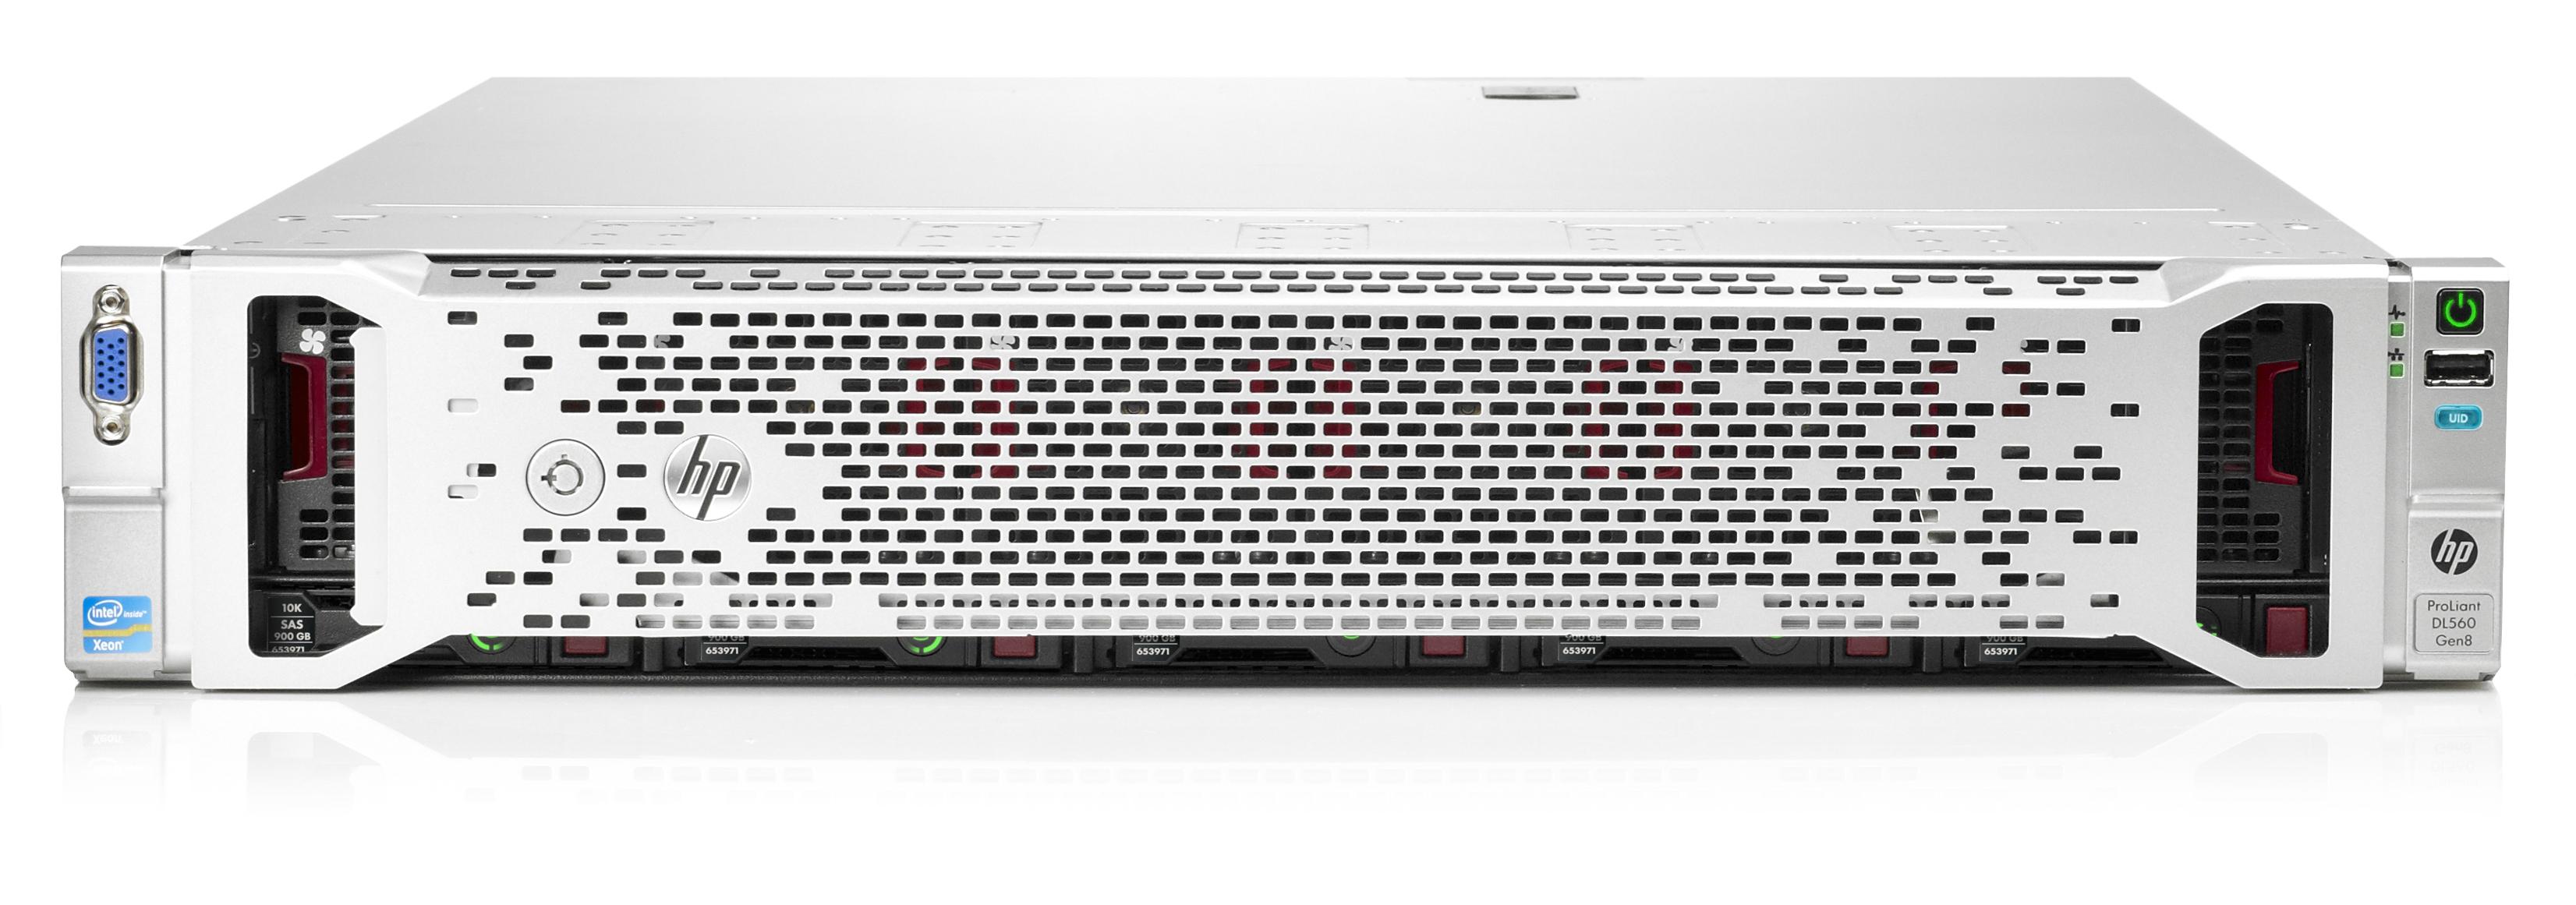 HP DL560 Gen8 E5-4610V2 32GB EU Svr